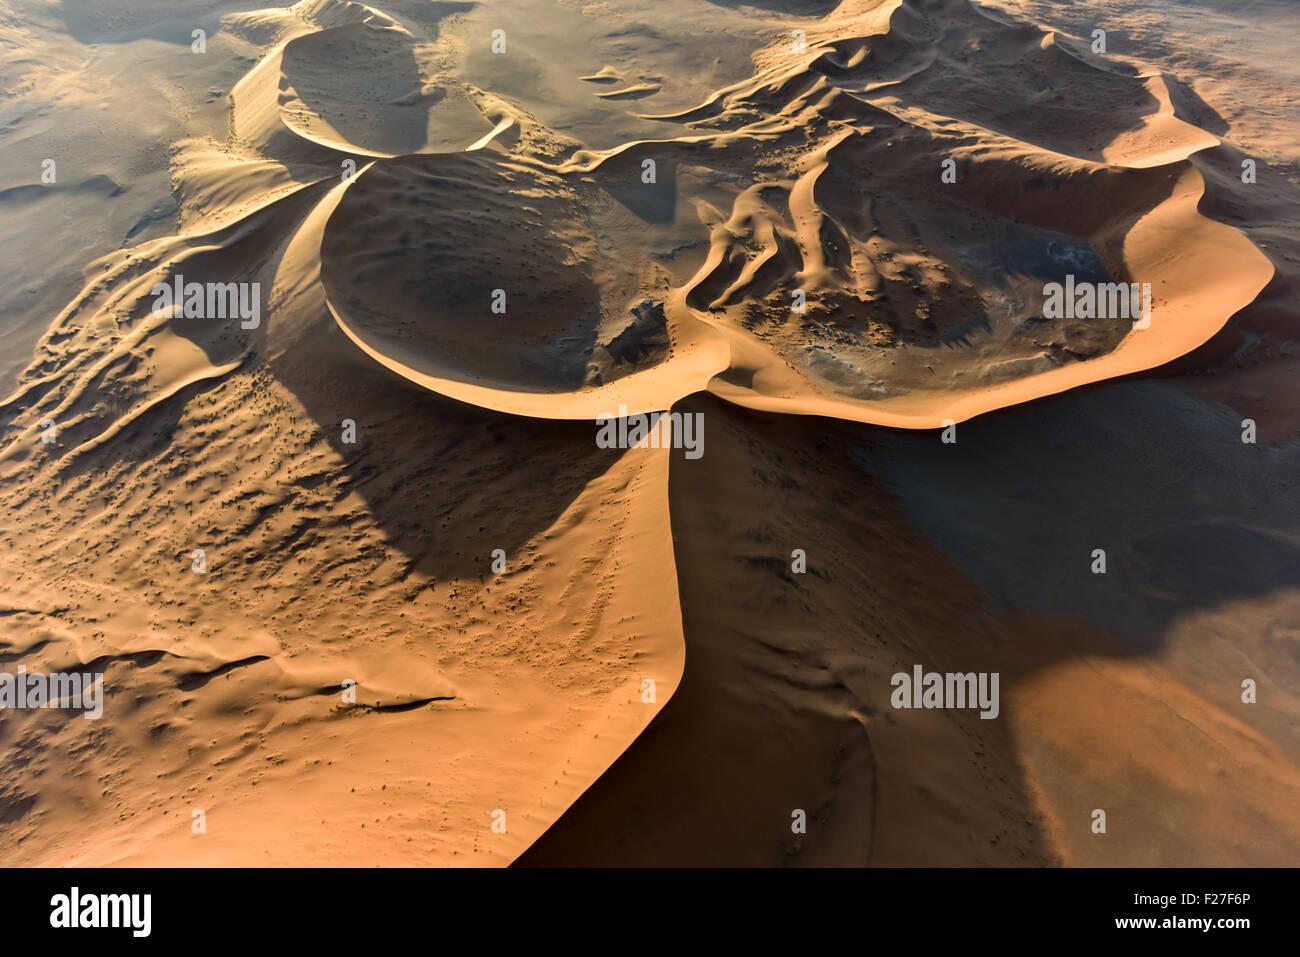 Luftaufnahme des hohen roten Dünen, befindet sich in der Namib-Wüste, in der Namib-Naukluft Nationalpark Stockbild